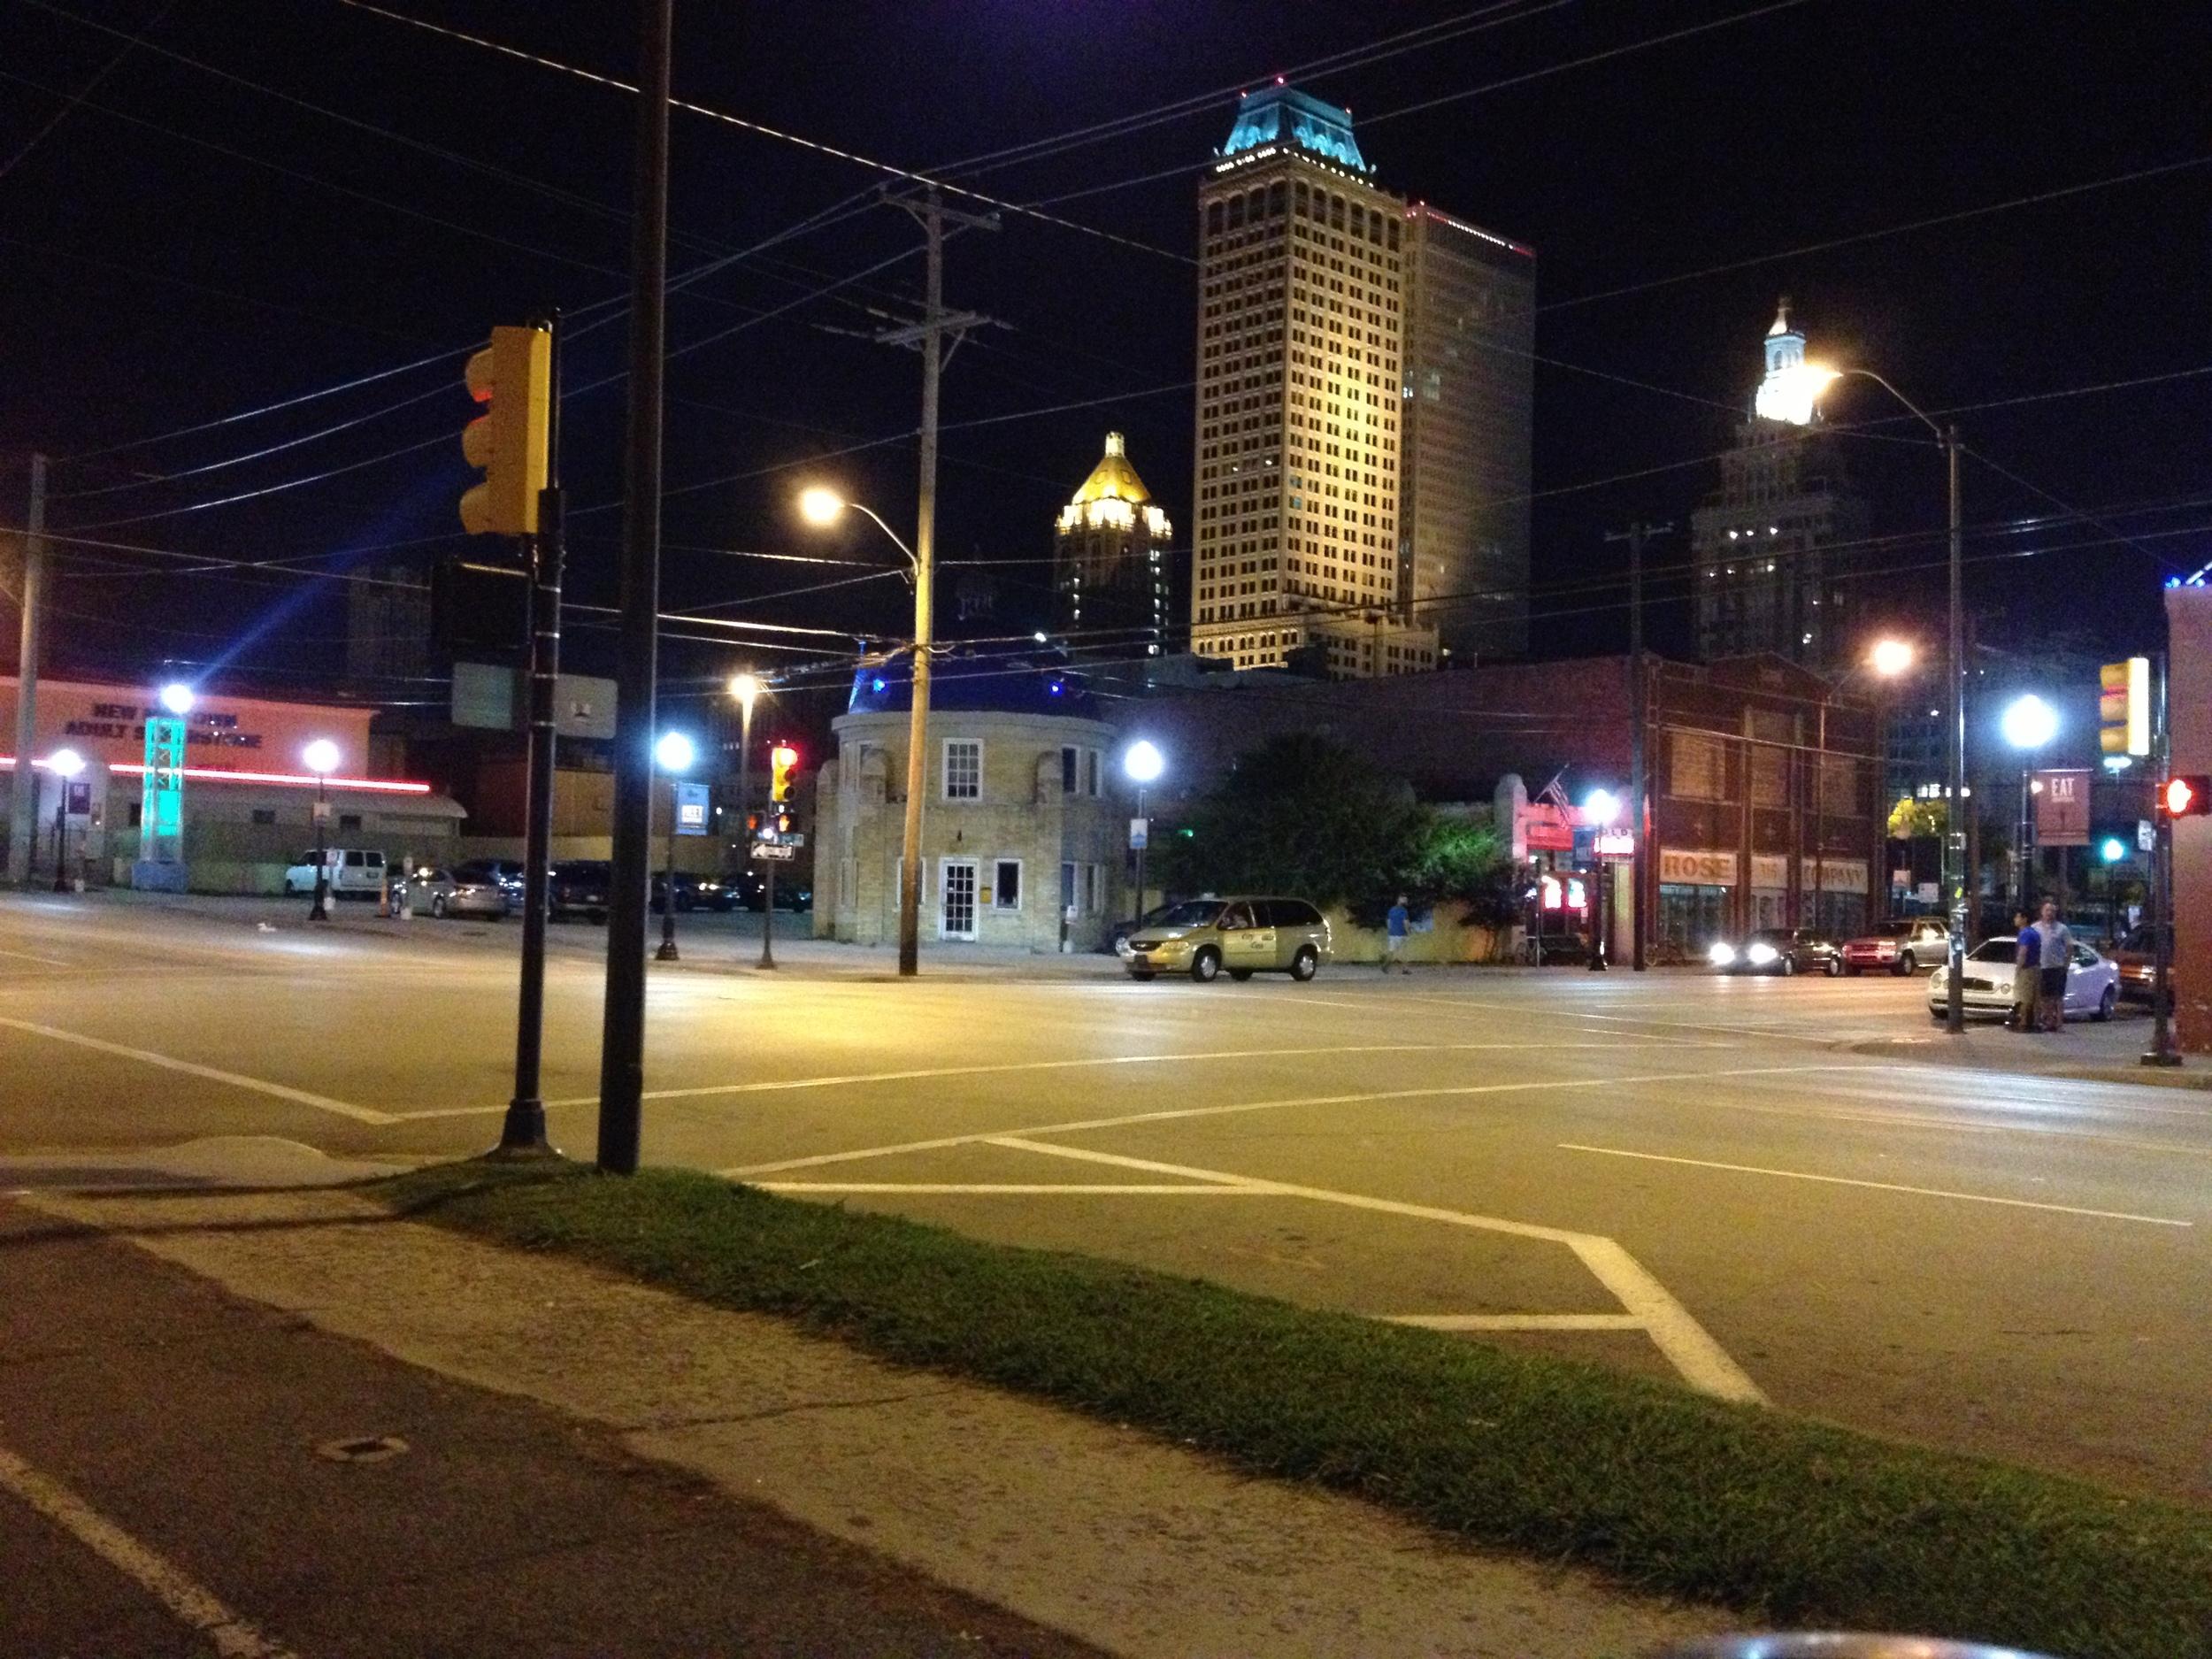 another Tulsa Street at nightt